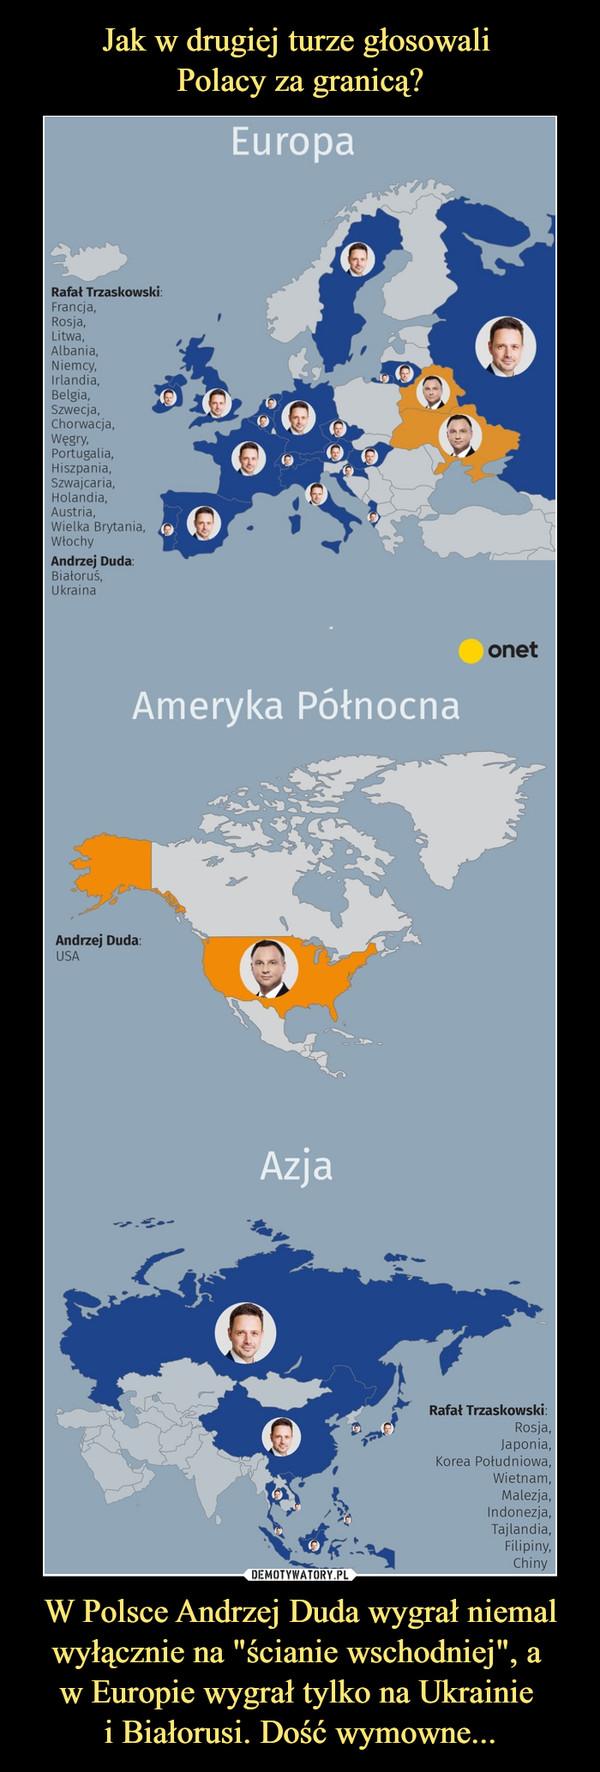 """W Polsce Andrzej Duda wygrał niemal wyłącznie na """"ścianie wschodniej"""", a w Europie wygrał tylko na Ukrainie i Białorusi. Dość wymowne... –  EuropaRafał Trzaskowski:Francja,Rosja,Litwa,Albania,Niemcy,Irlandia,Belgia,Szwecja,Chorwacja,Węgry,Portugalia,00Hiszpania,Szwajcaria,Holandia,Austria,Wielka Brytania,1WłochyAndrzej Duda:Białoruś,UkrainaonetAmeryl<a Północna3Andrzej Duda:USAAzj aRafał Trzaskowski:Rosja,Japonia,Korea Południowa,Wietnam,Malezja,Indonezja,t)Tajlandia,Filipiny,Chiny"""